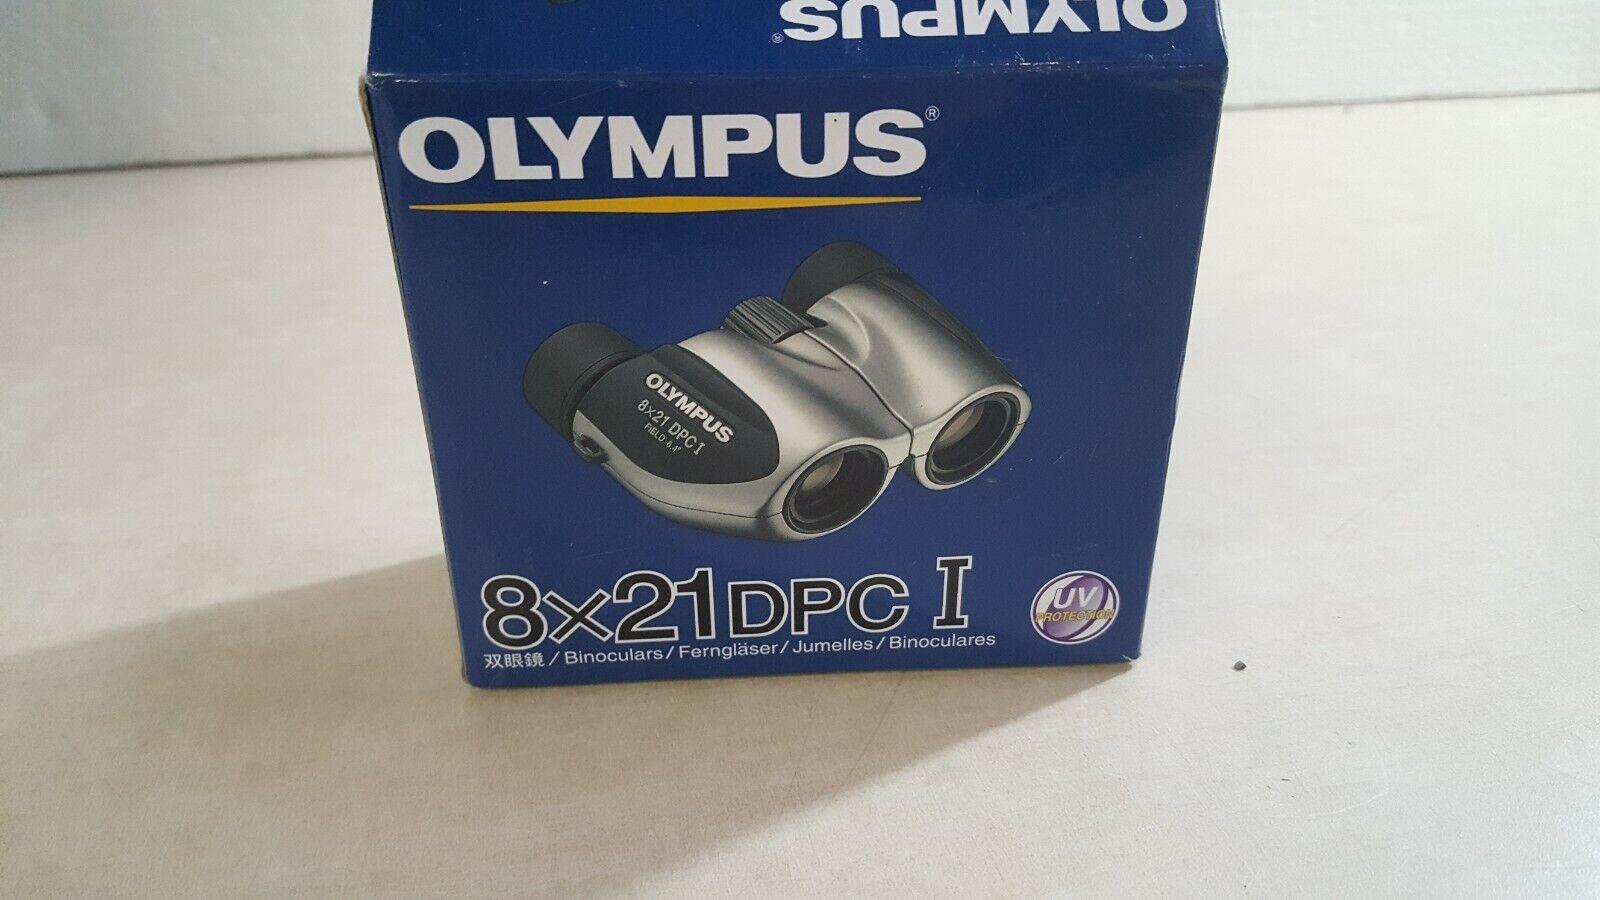 OLYMPUS 118705 BINOCULAR ROAMER DPC I 8X21